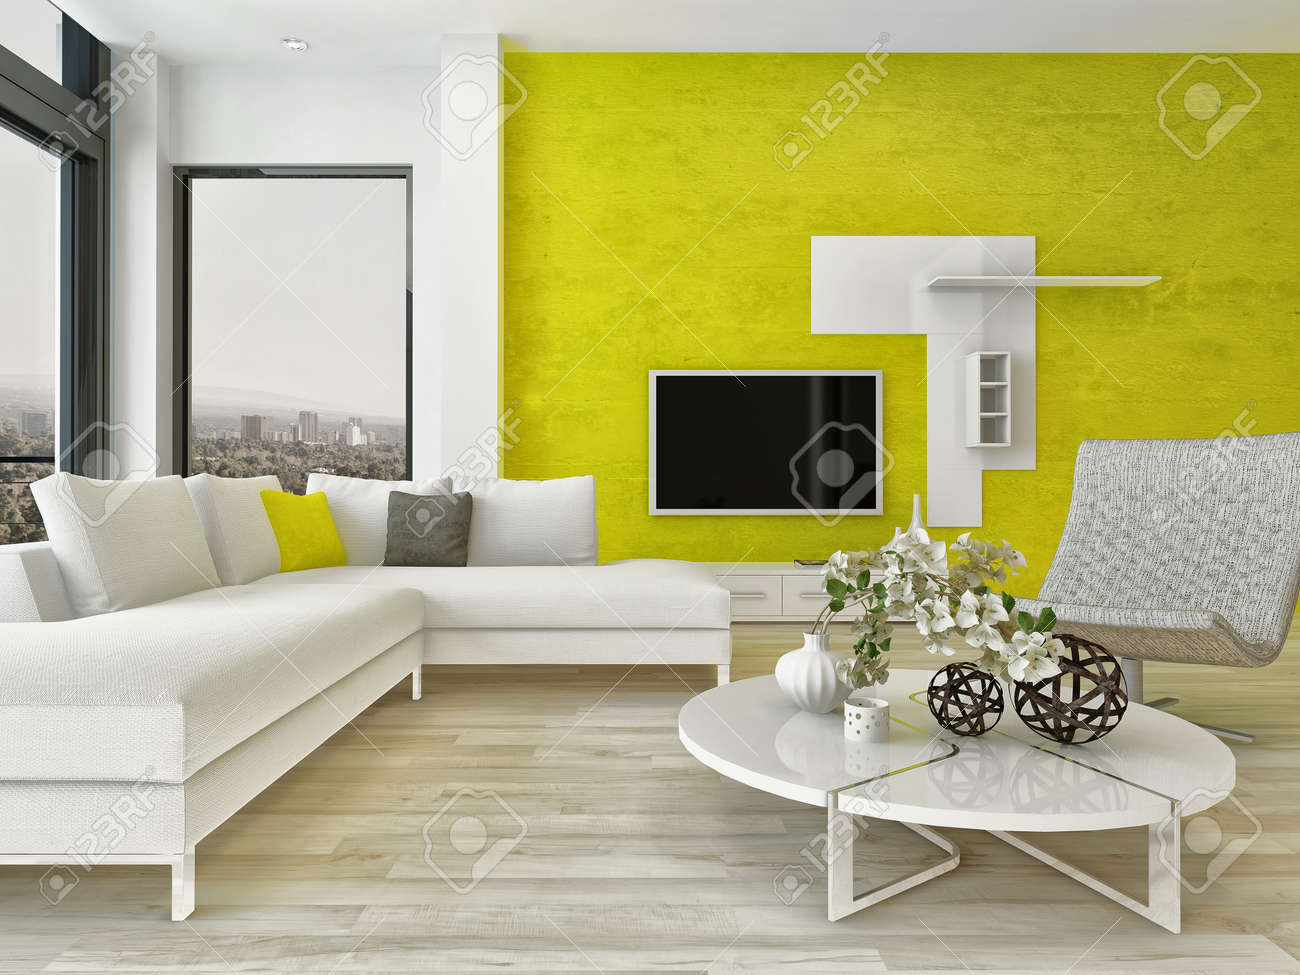 Faszinierend Ausgefallene Couch Foto Von Modernes Design Wohnzimmer Innenraum Mit Schönen Möbeln